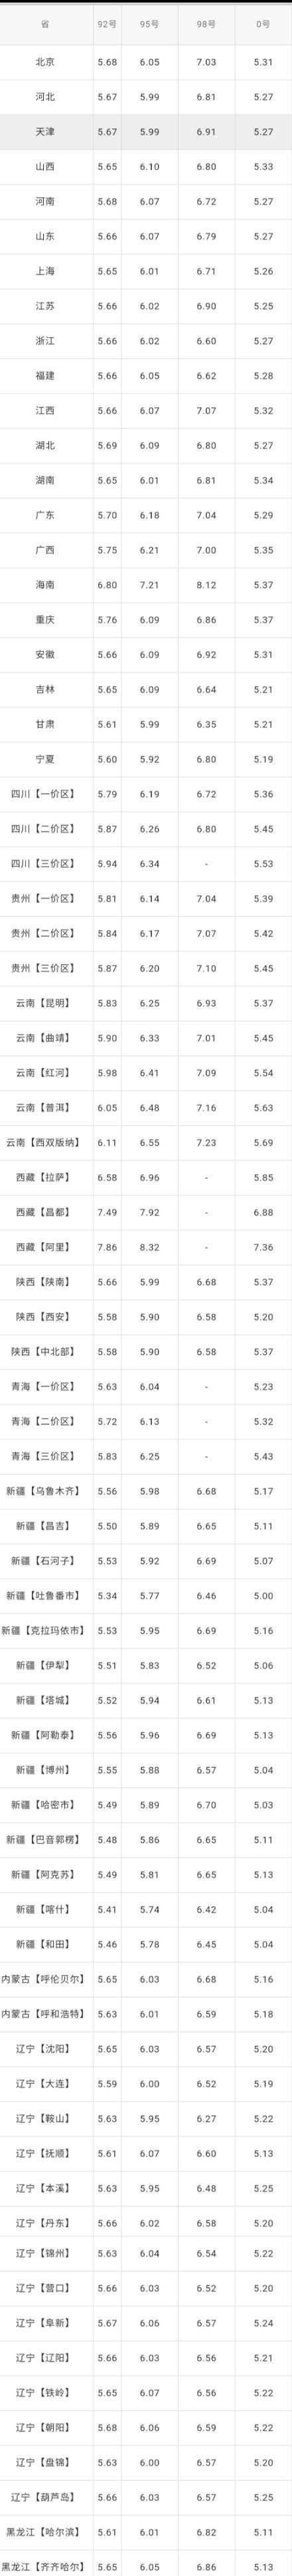 全國油價調整信息:8月14日調整后:全國92、95號汽油價格表